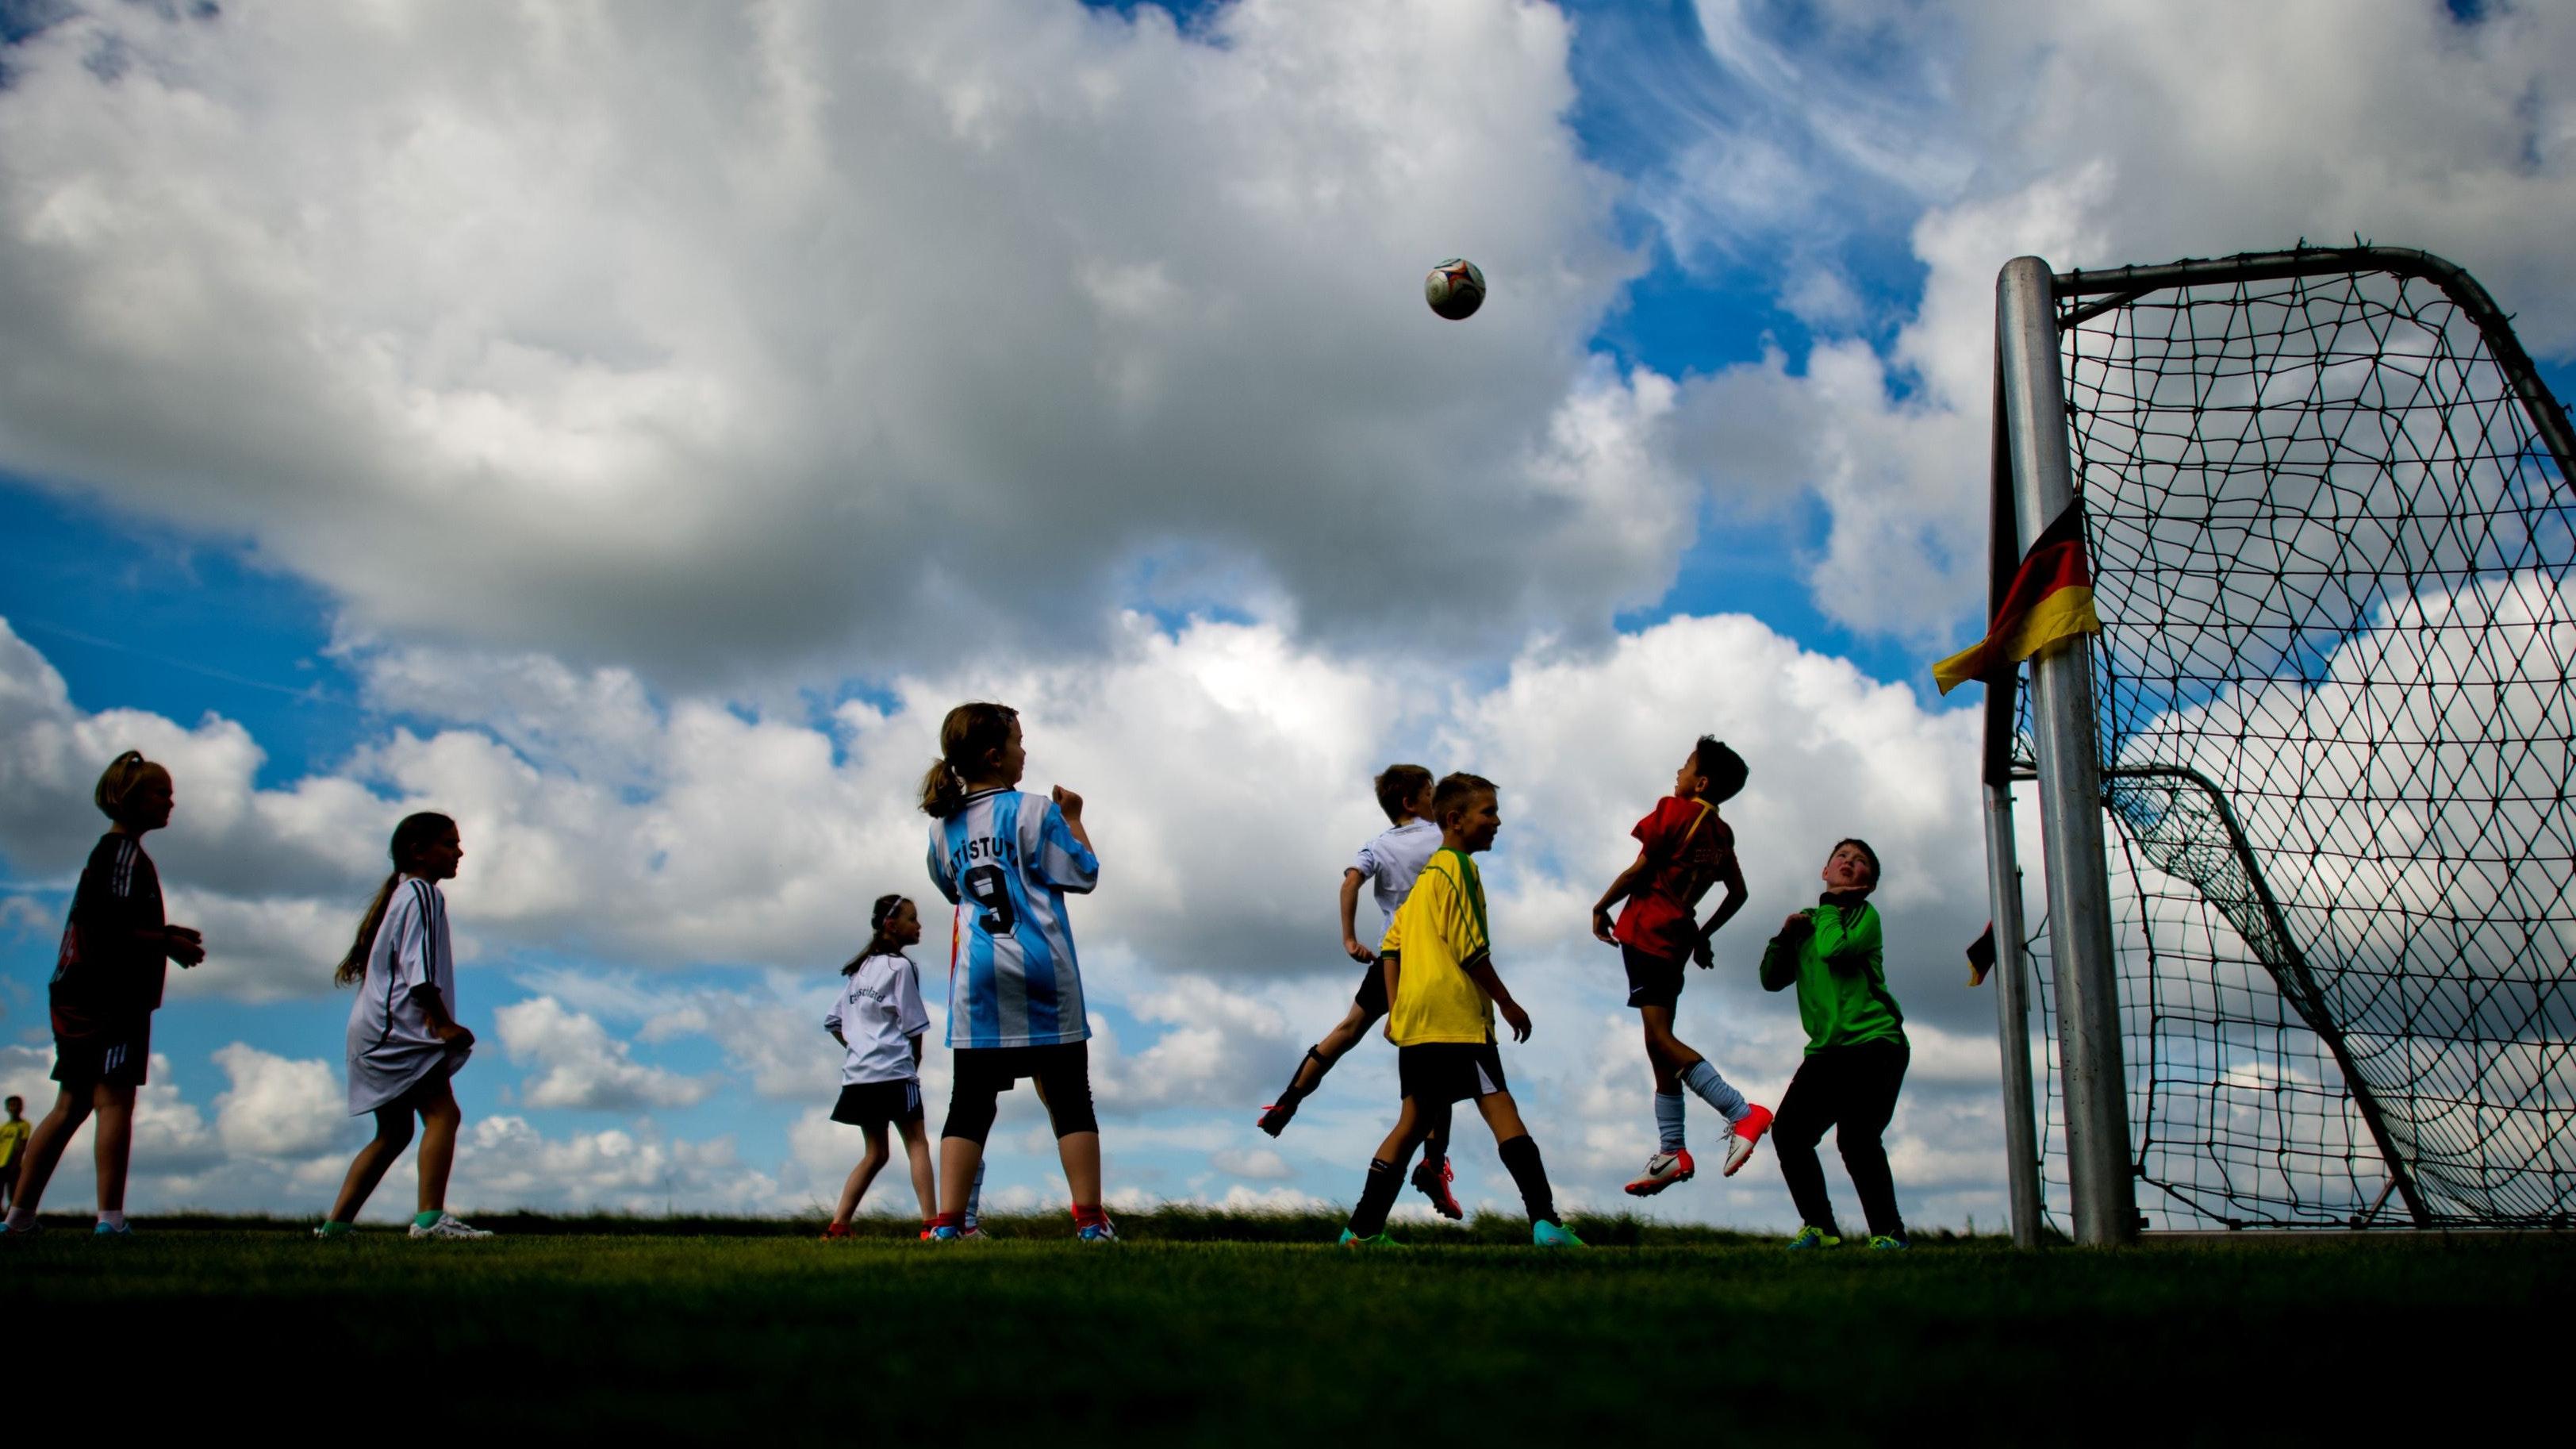 Trubel auf dem Fußballplatz: Das könnte bald auch für Erwachsene wieder möglich sein. Foto: dpa/Stratenschulte